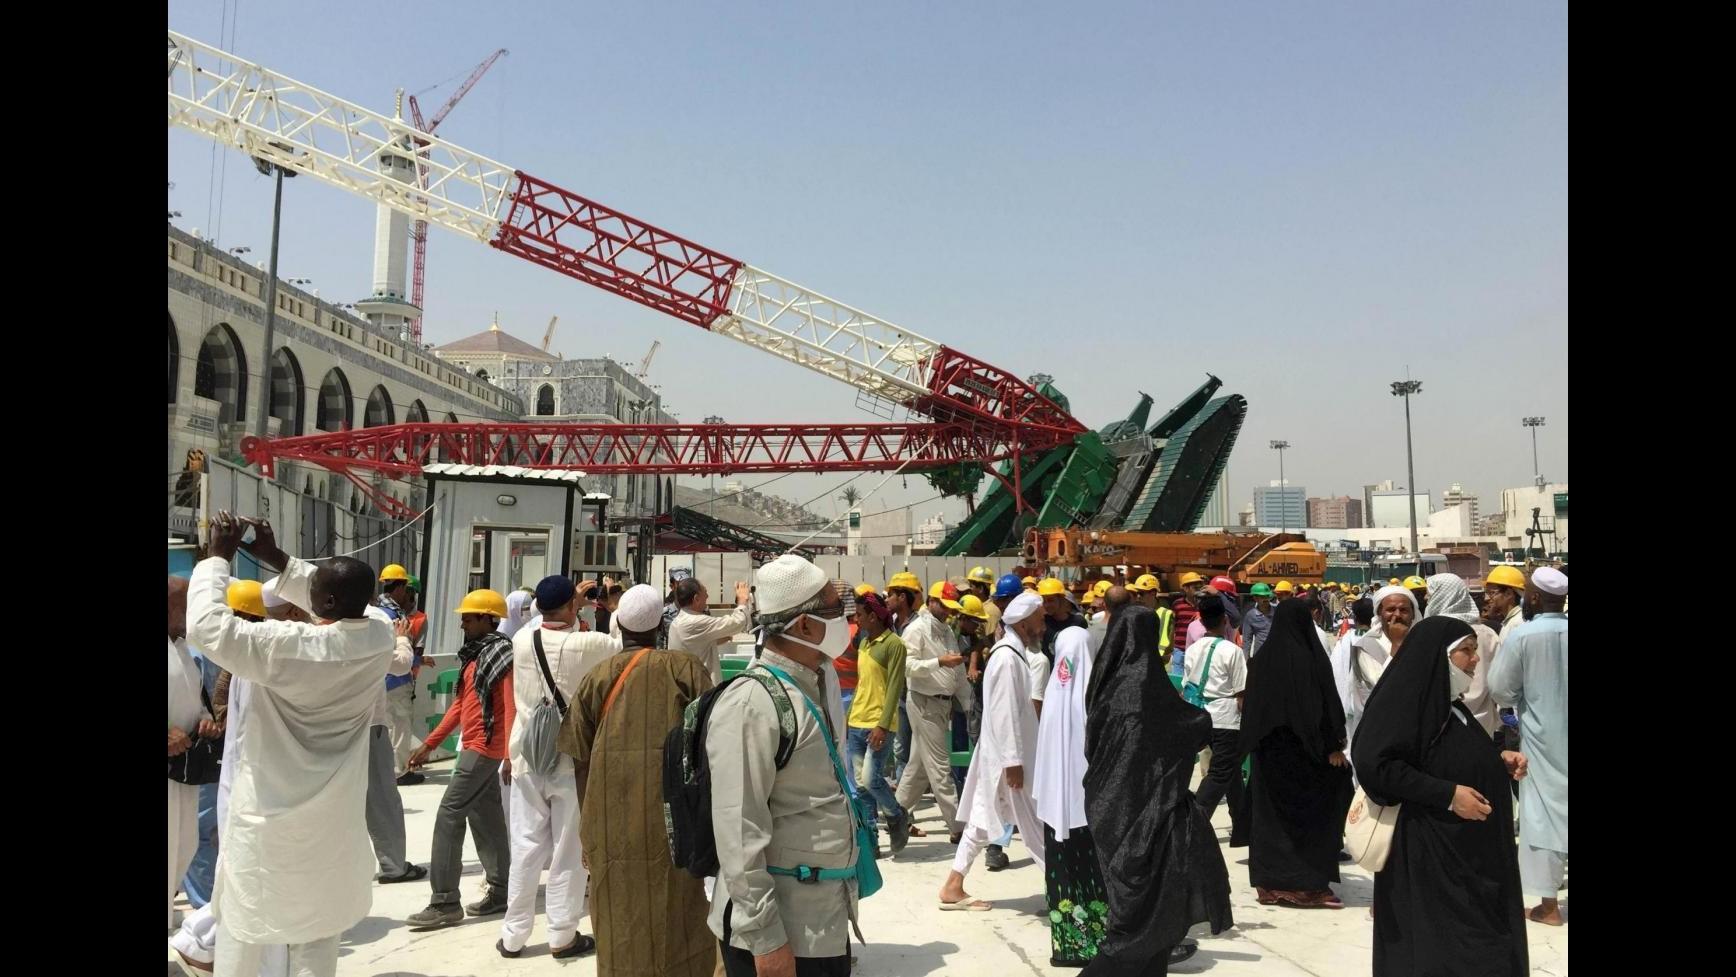 Arabia Saudita, strage alla Mecca: i morti salgono a 107, i feriti 238